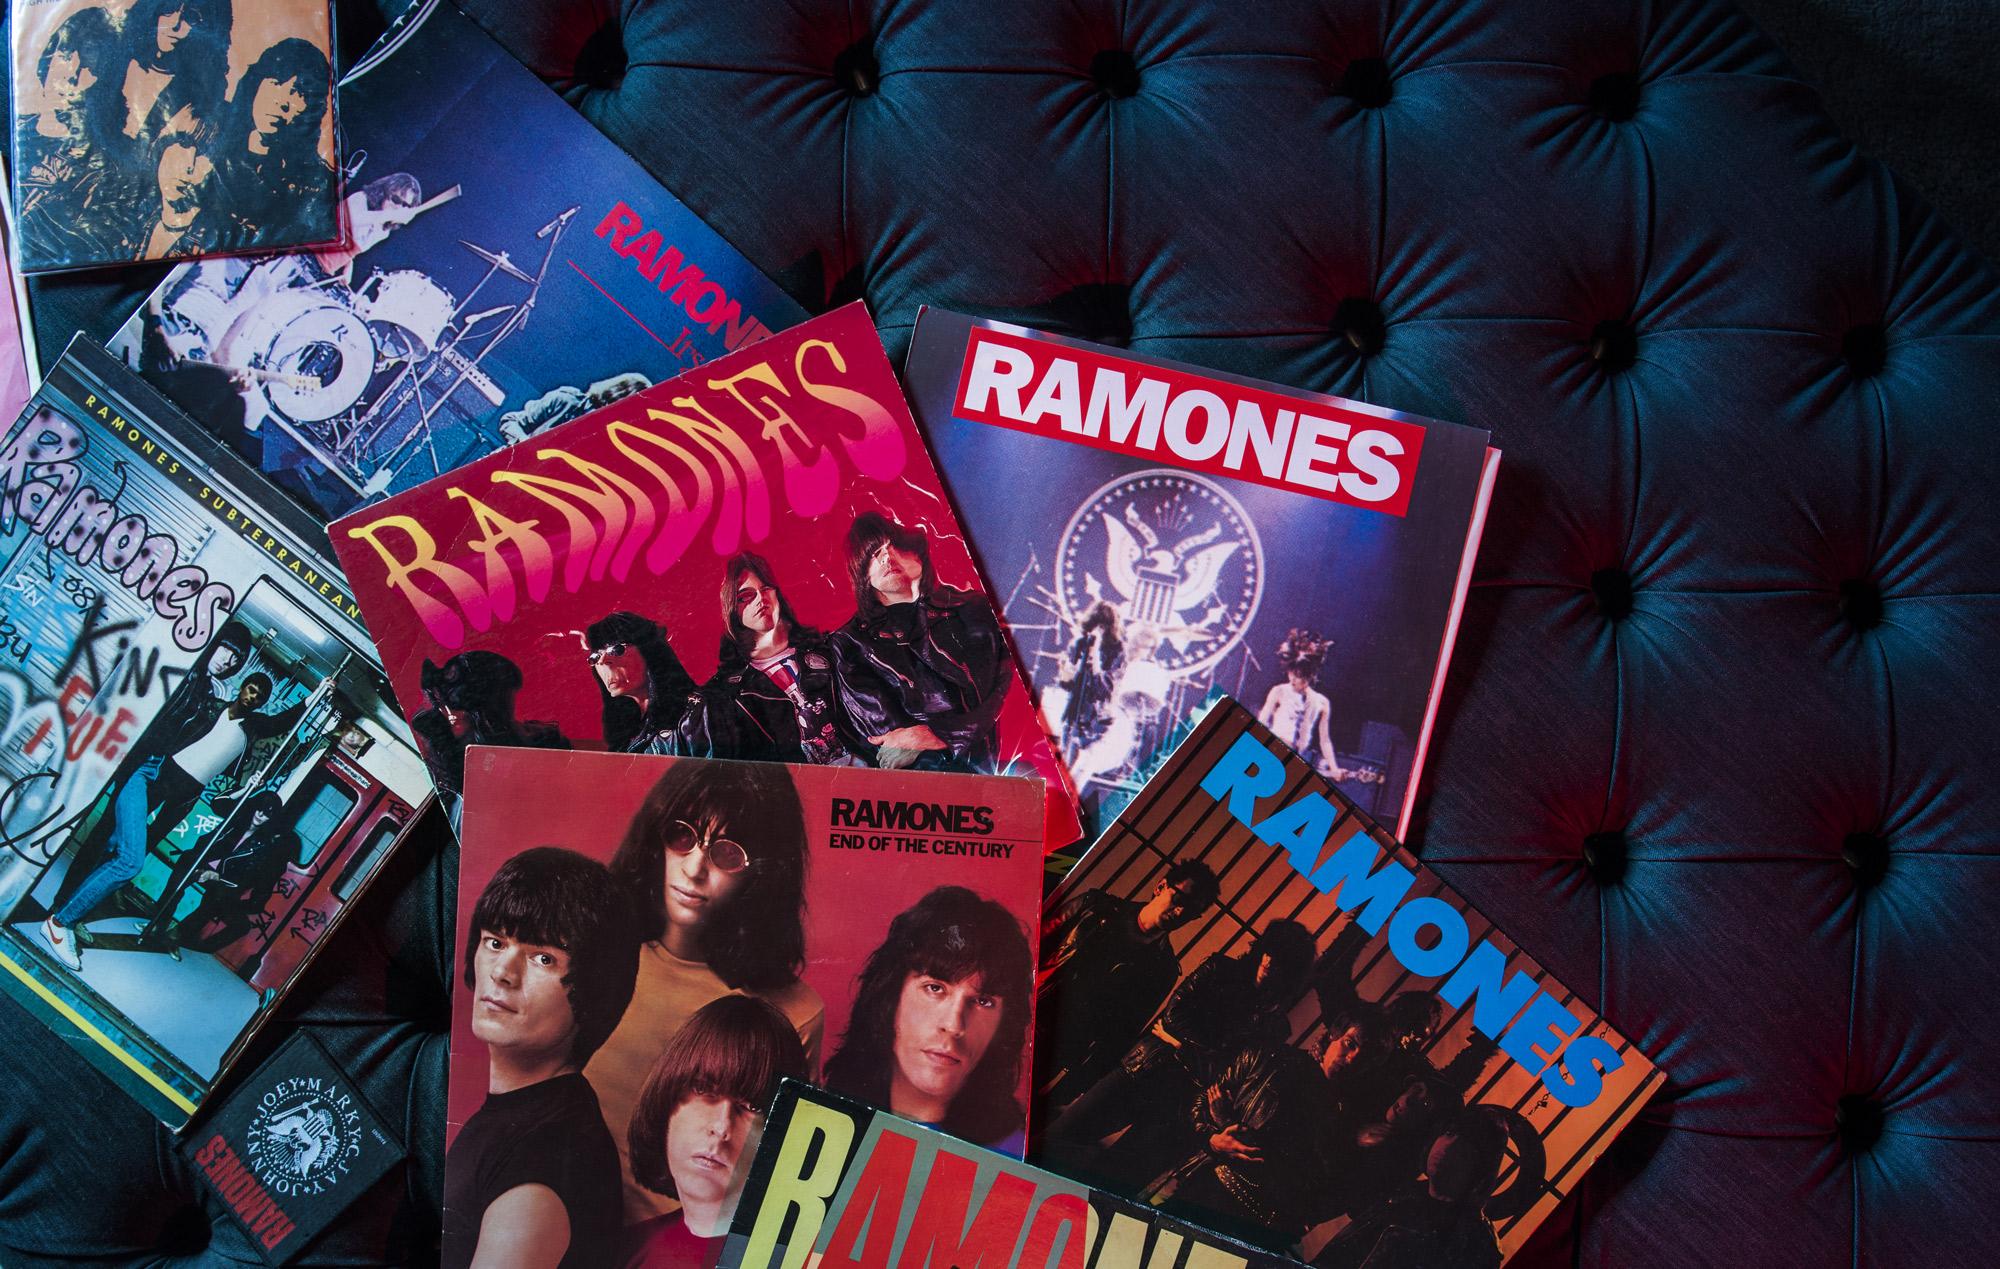 bertolive Ramones vinyl record collection